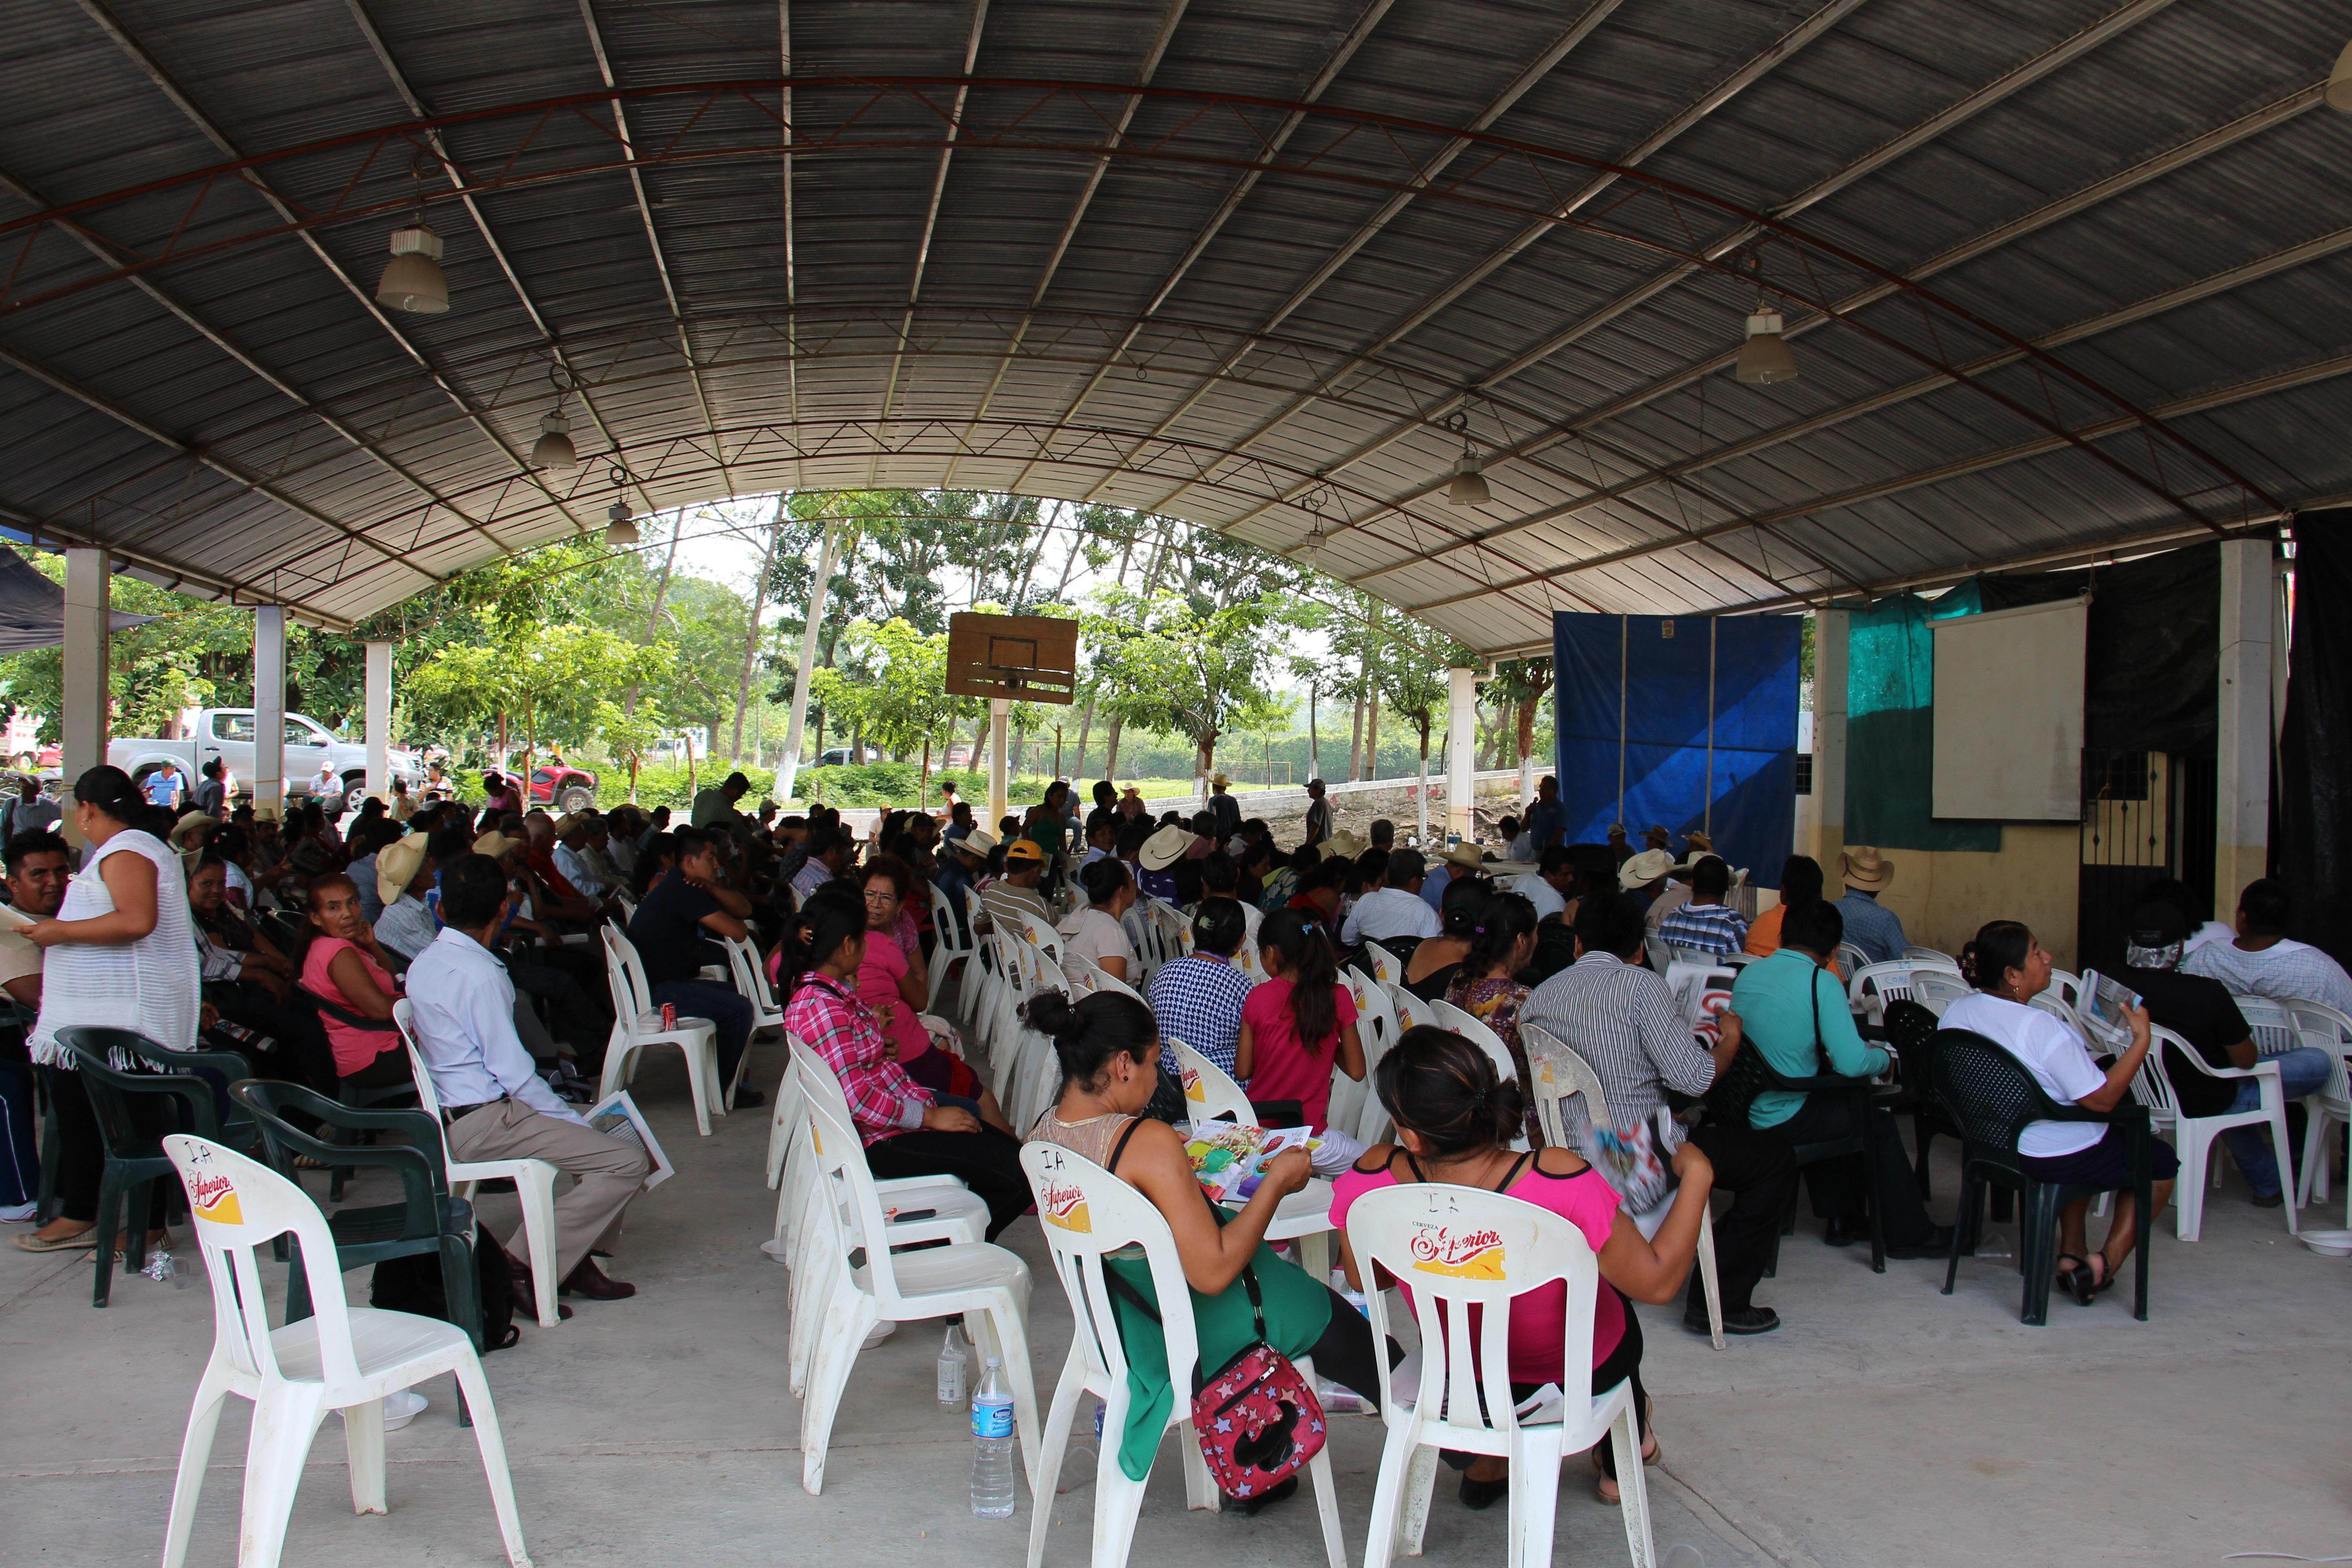 241015lavn2a AsambleaRafaelRosasPapantla1